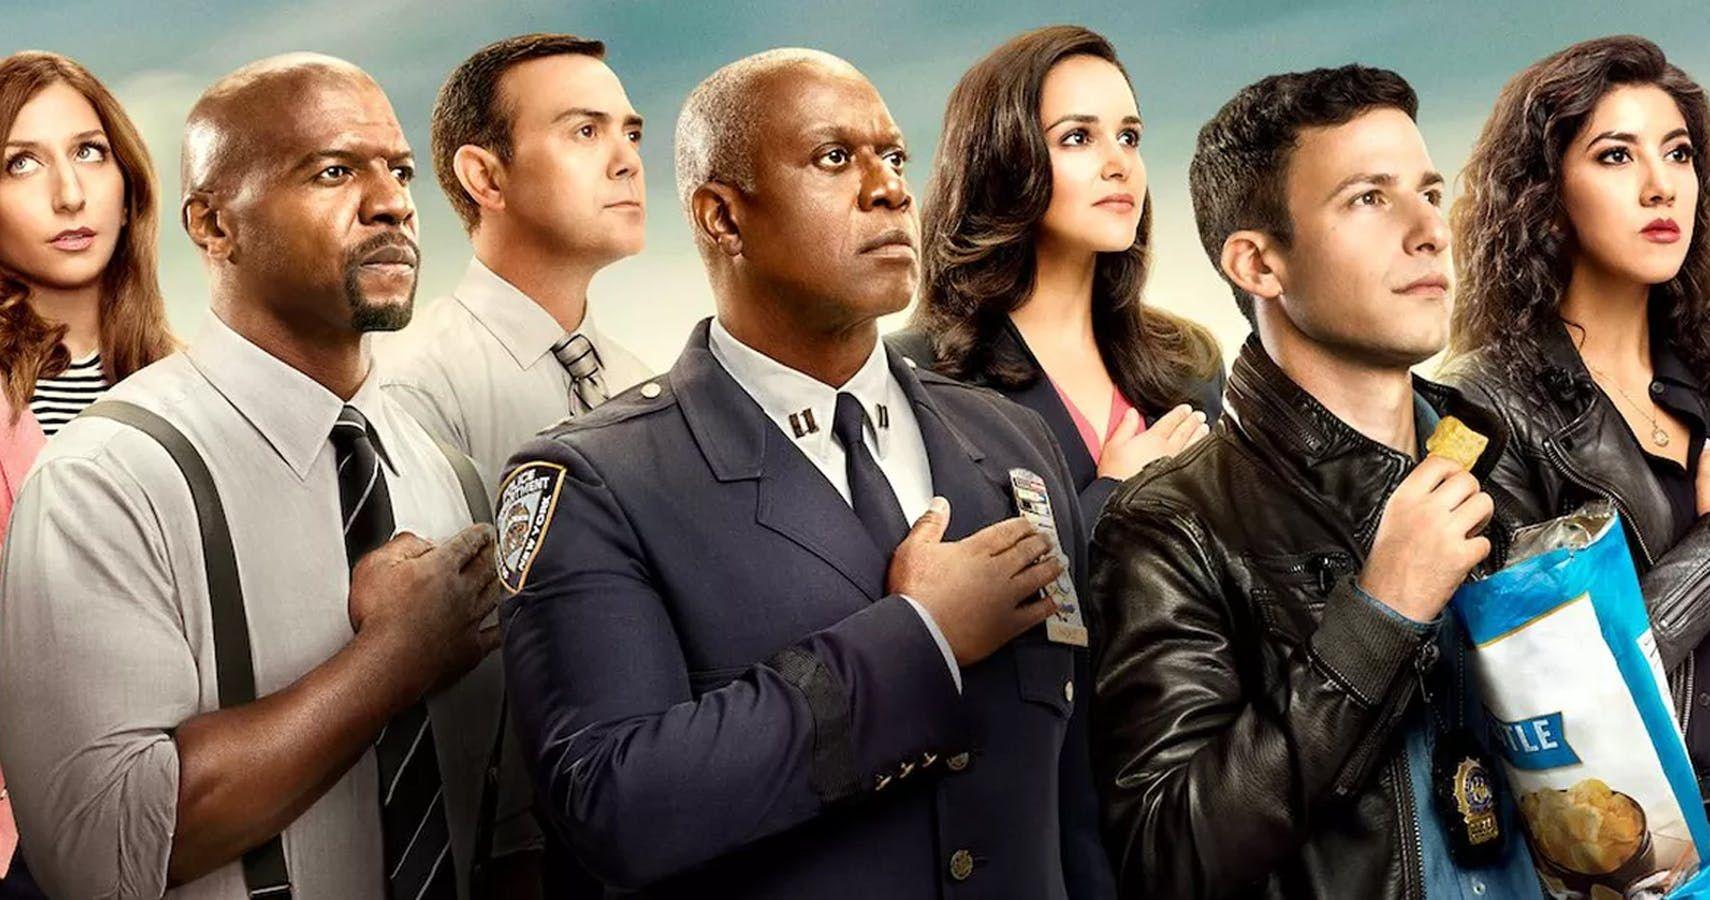 Series Policiacas en Netflix, HBO y Amazon Prime Video